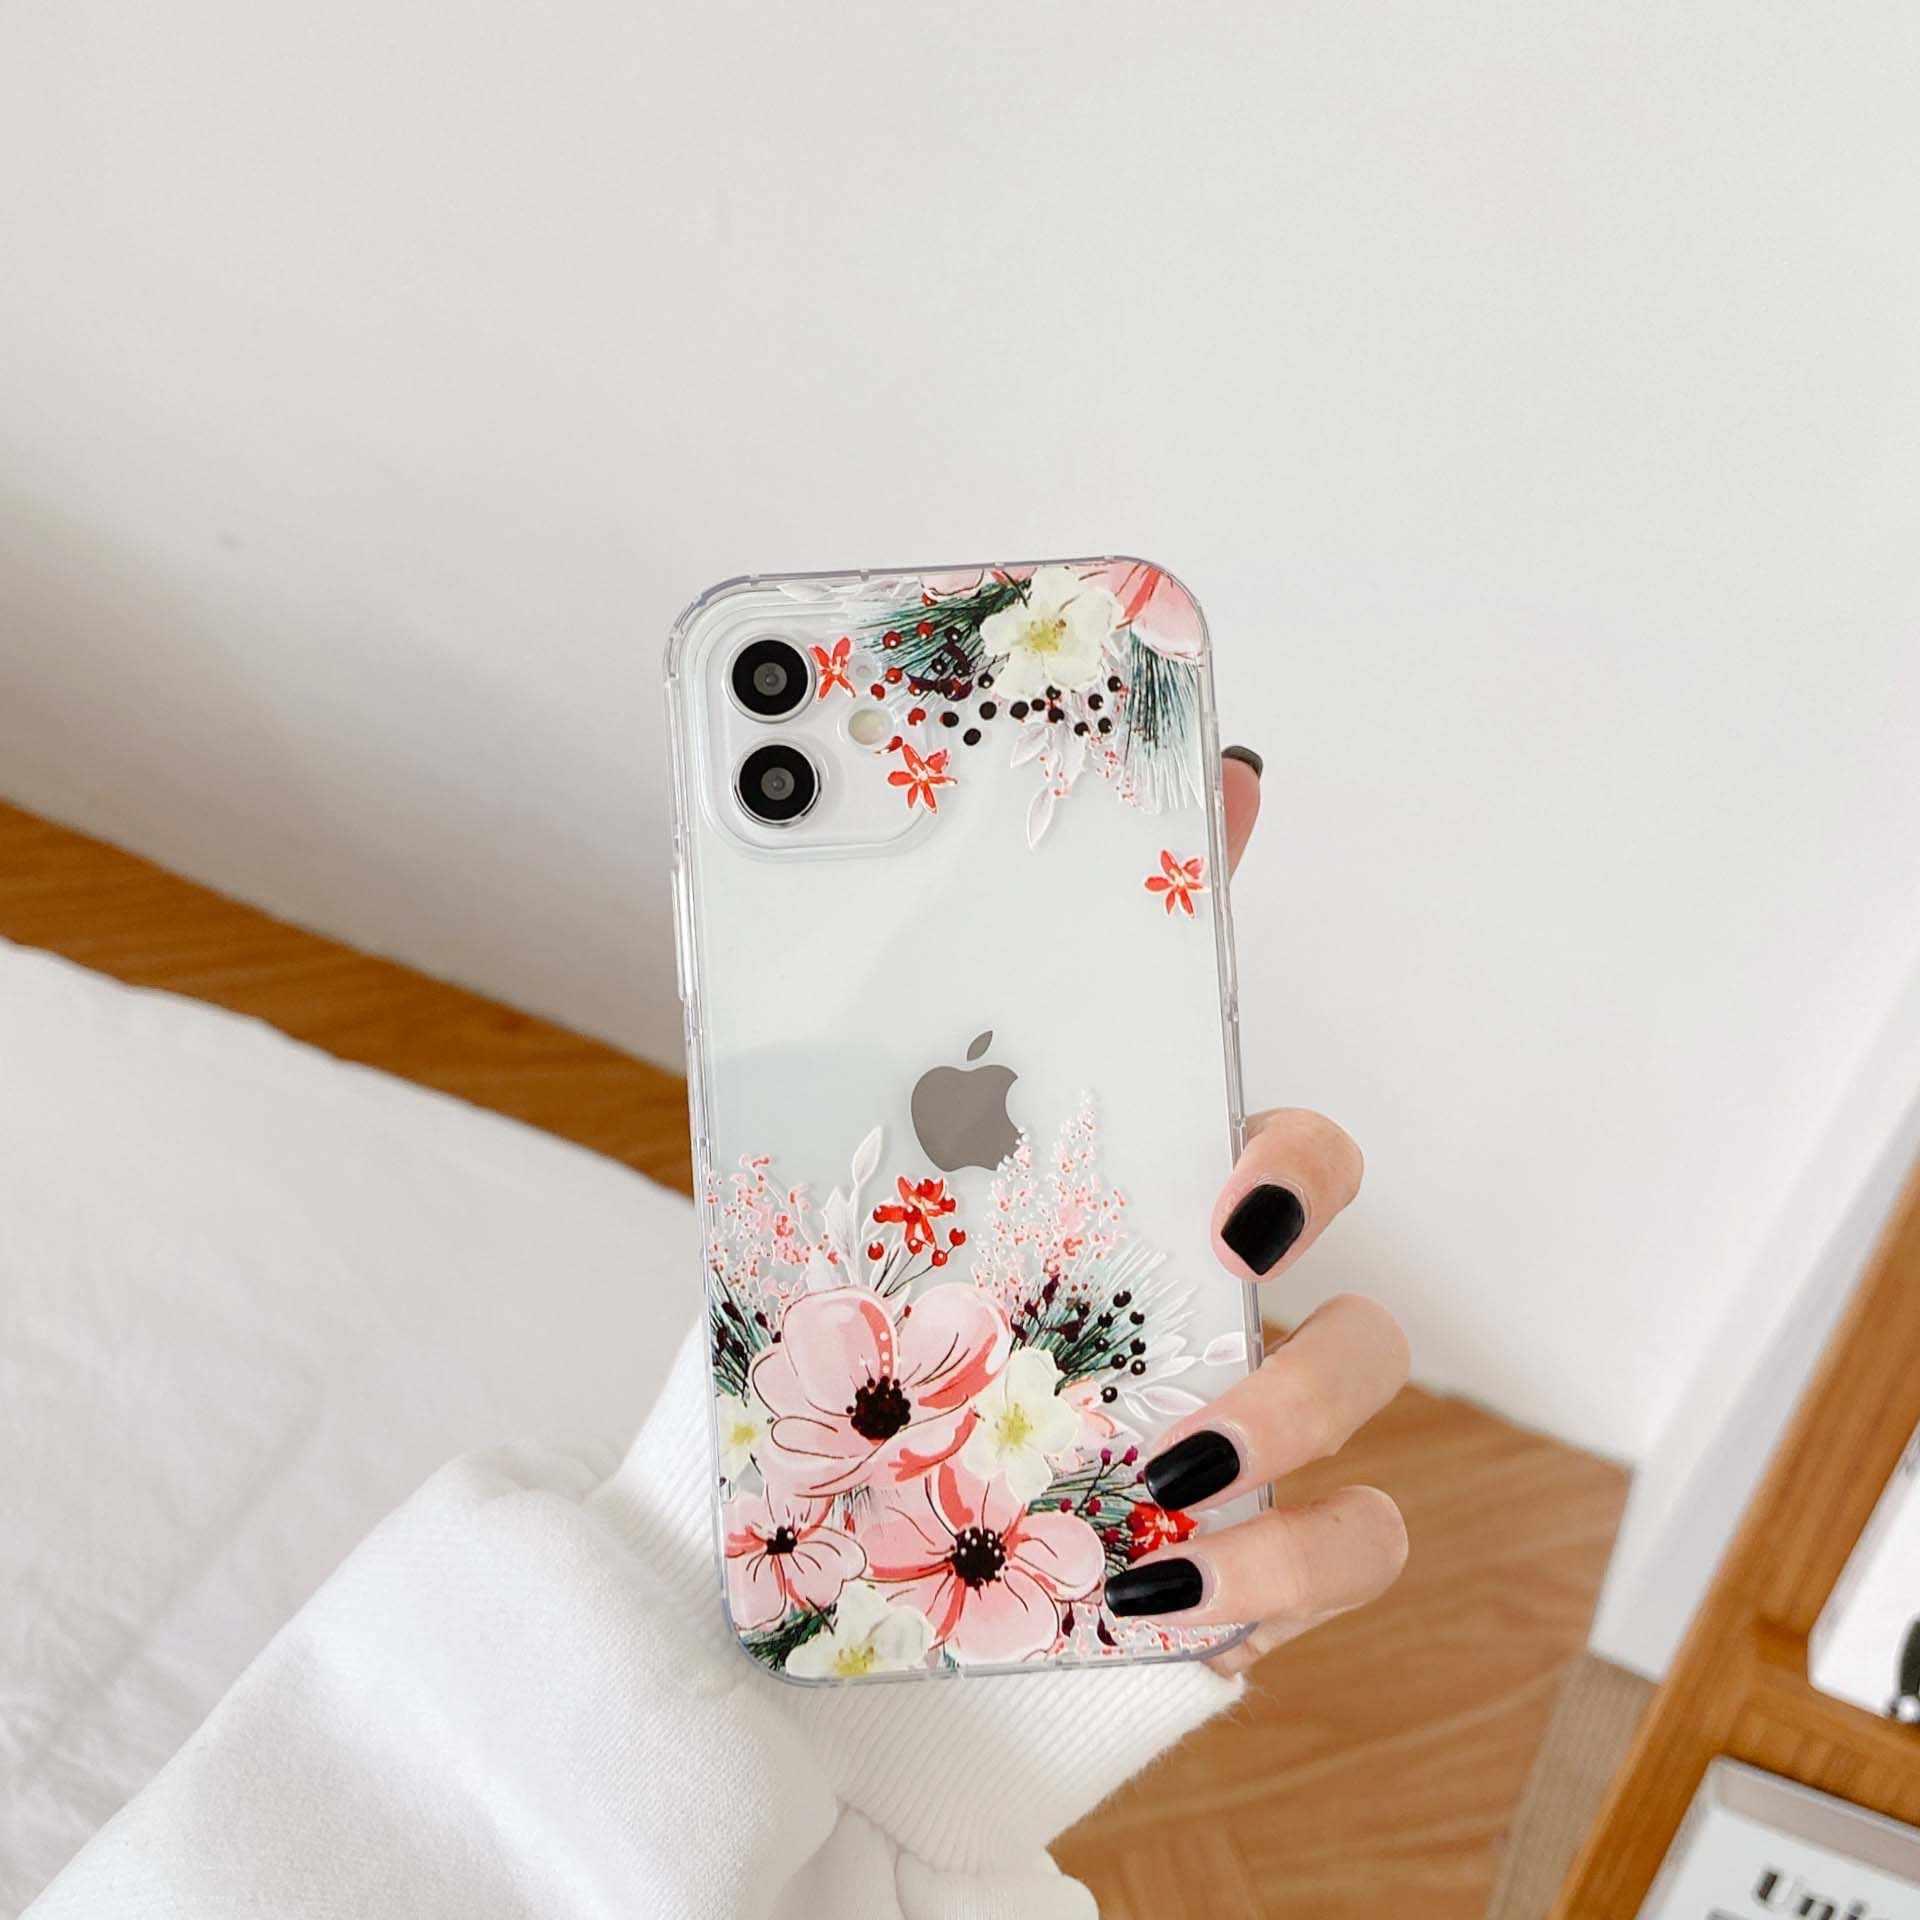 Custodia per telefono in silicone trasparente con fiori di ciliegio e petalo di margherita cover carina per iphone 12 mini xr xs max x 11 pro max 7 8 ...